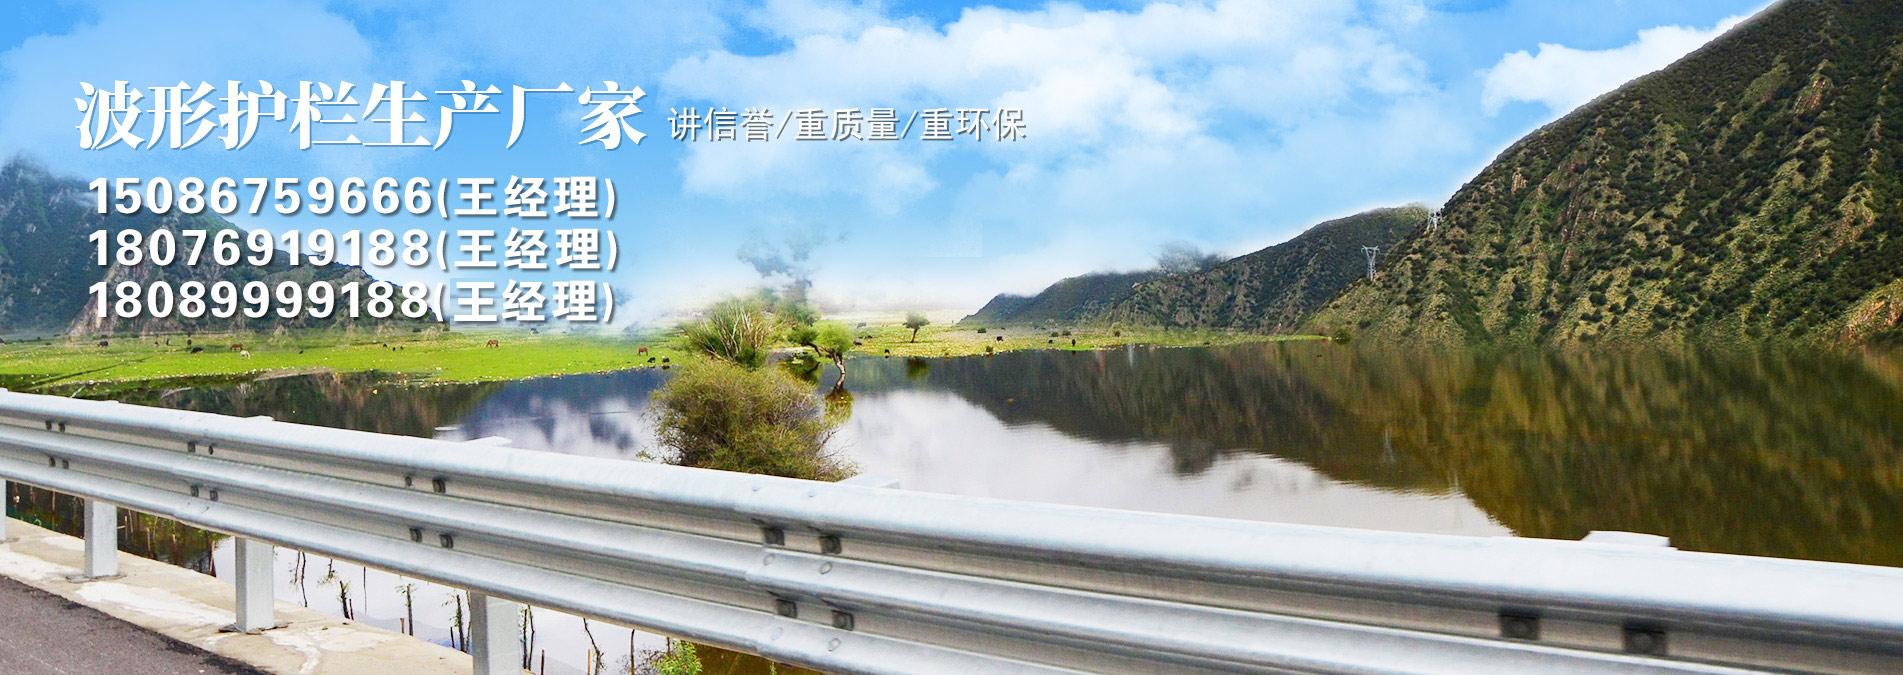 西藏波形防撞护栏厂家